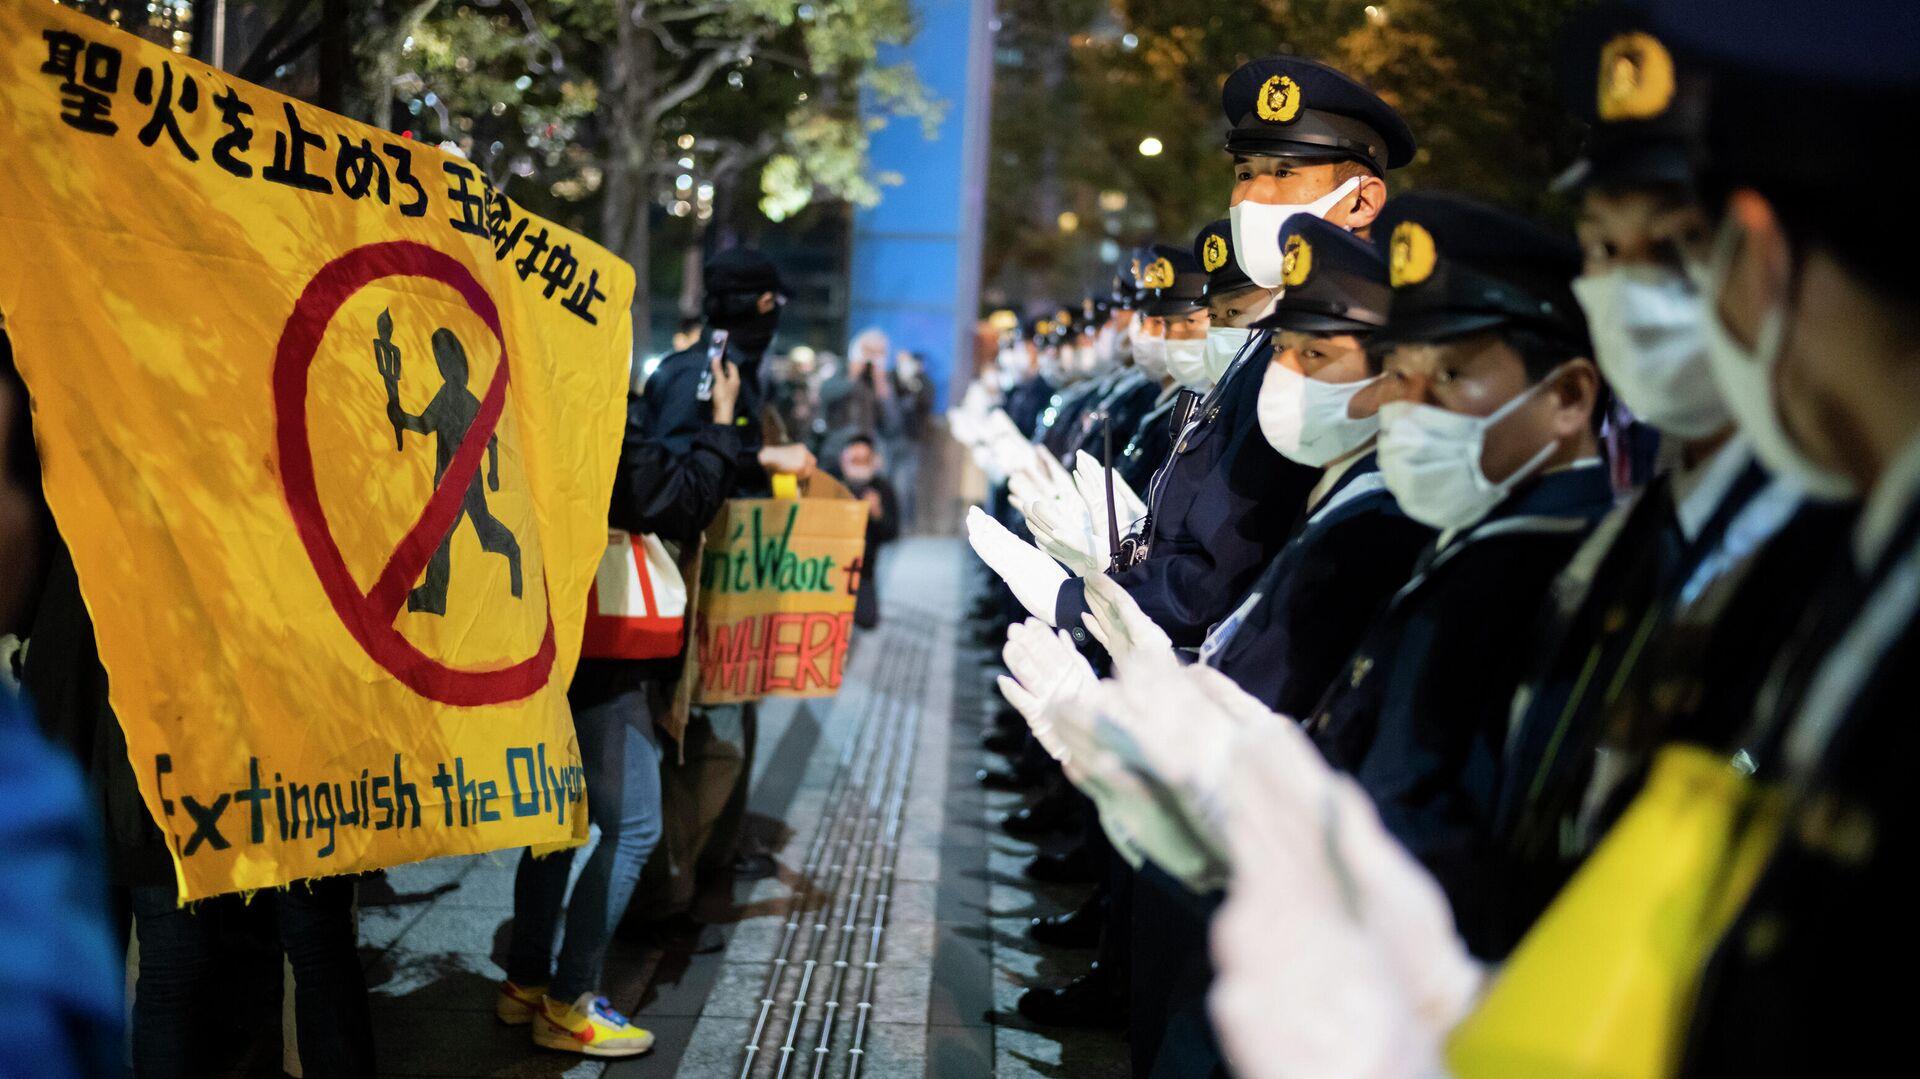 Демонстрация против проведения в Токио Олимпийских и Паралимпийских игр - РИА Новости, 1920, 17.04.2021